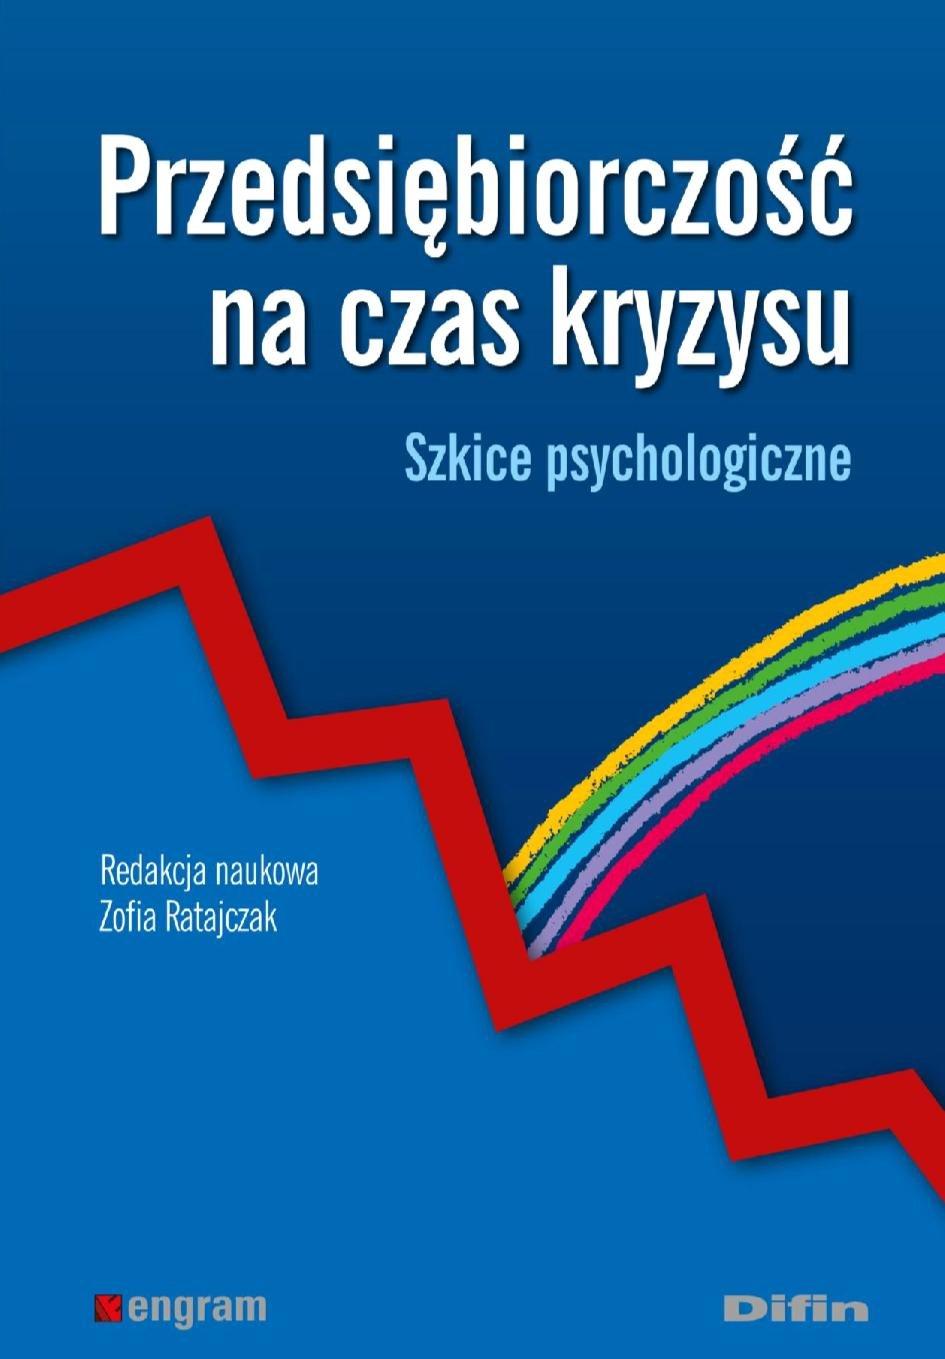 Przedsiębiorczość na czas kryzysu. Szkice psychologiczne - Ebook (Książka PDF) do pobrania w formacie PDF